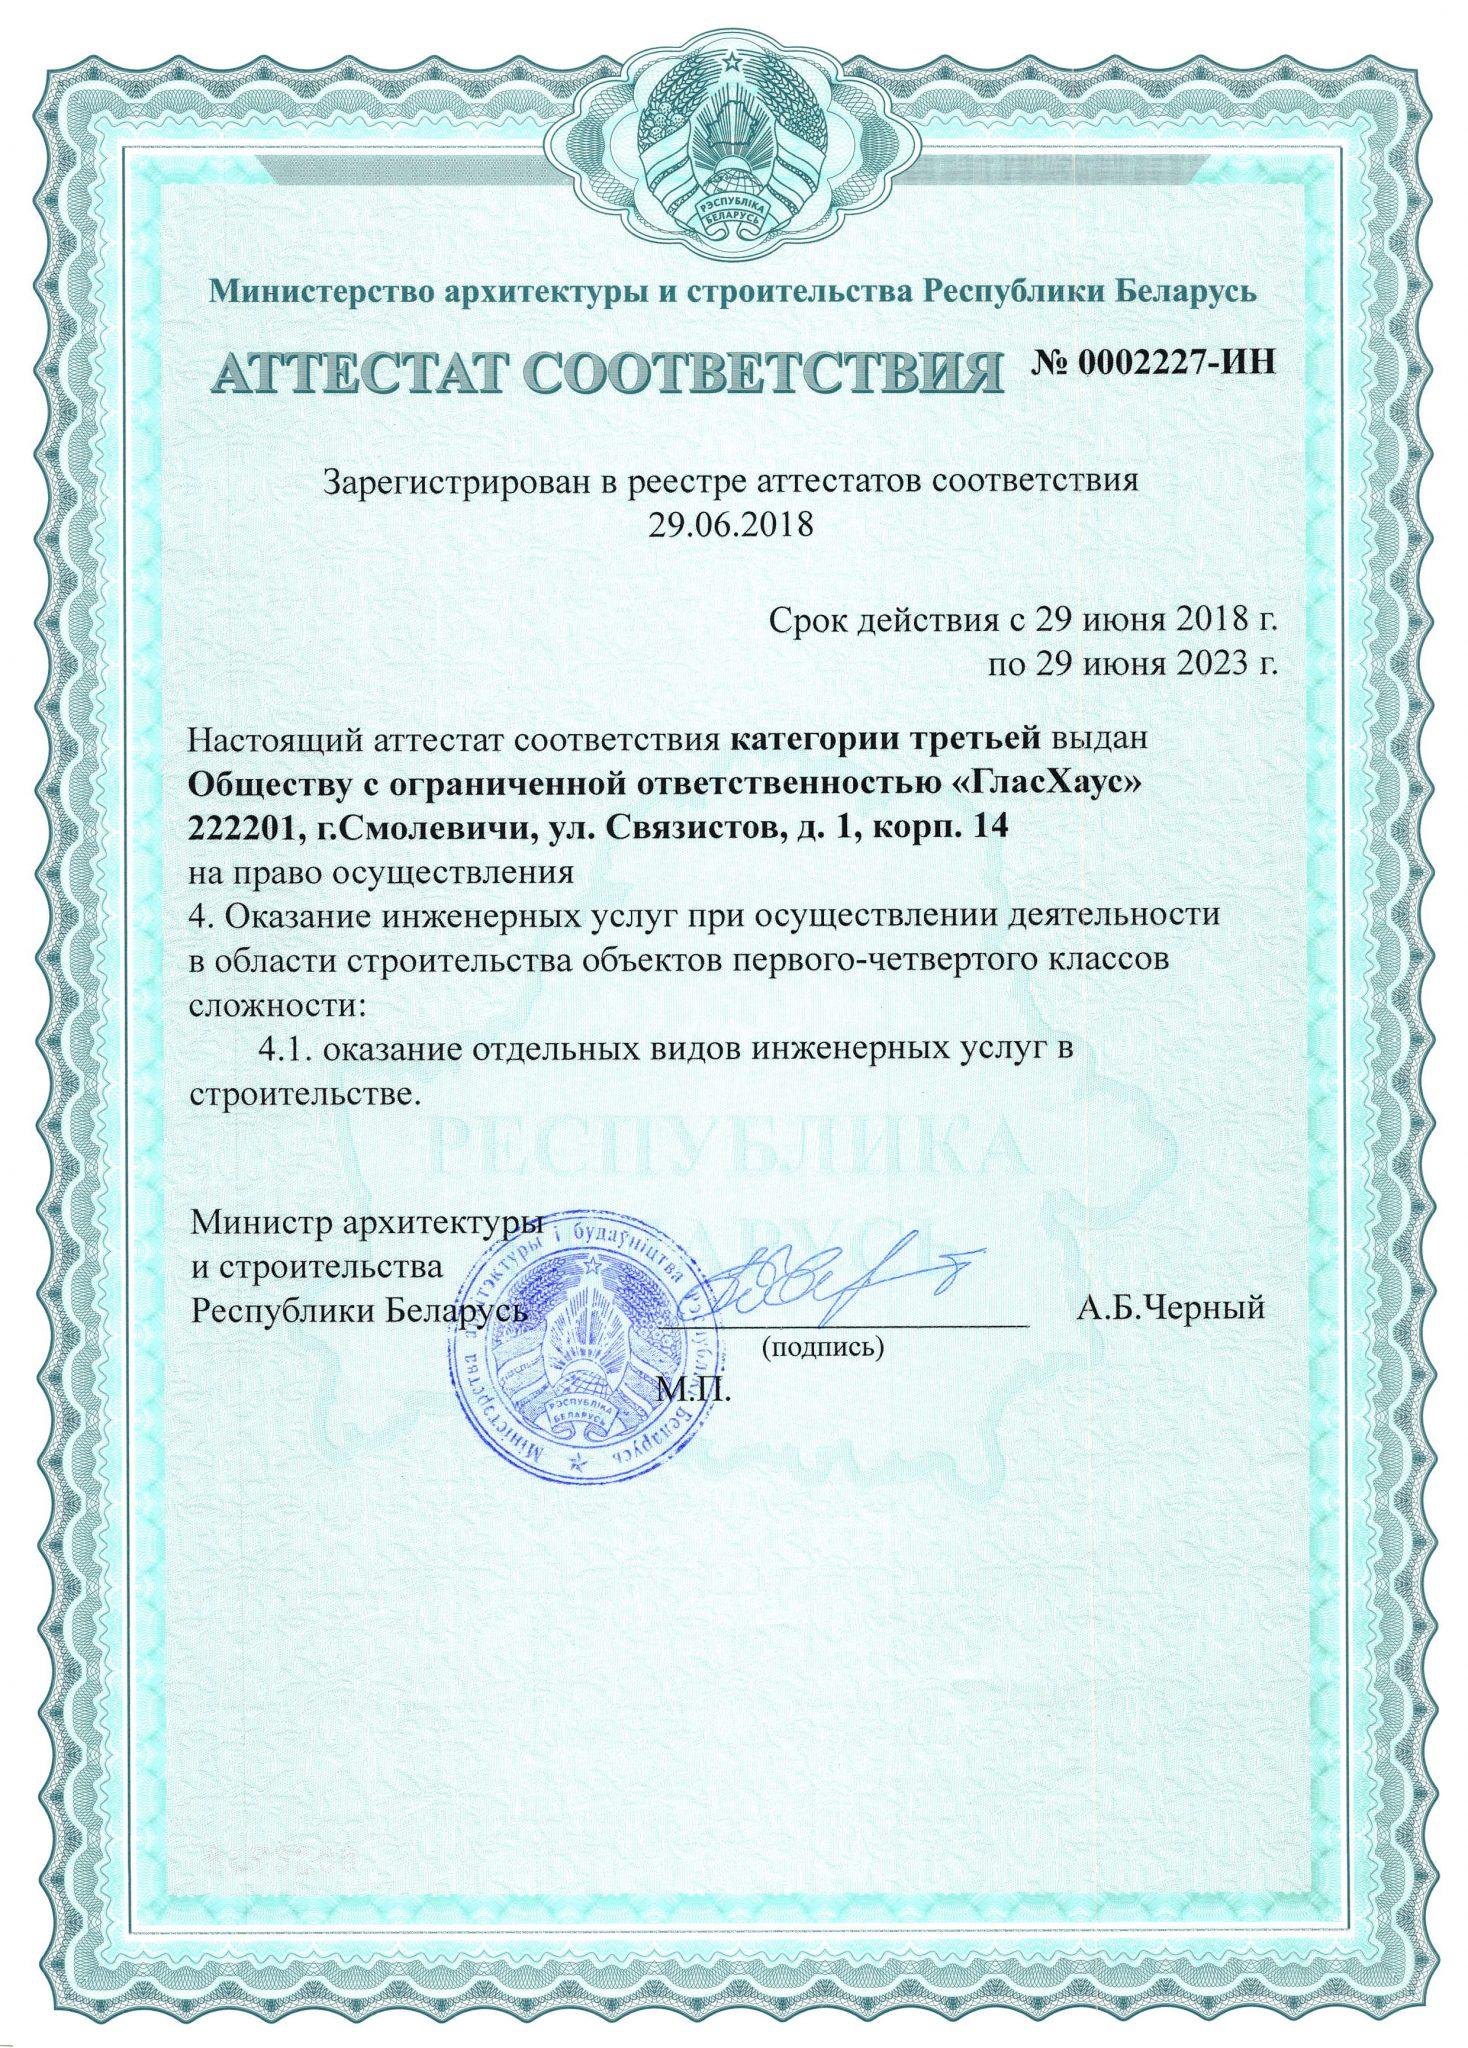 sertifikat_3_23072018